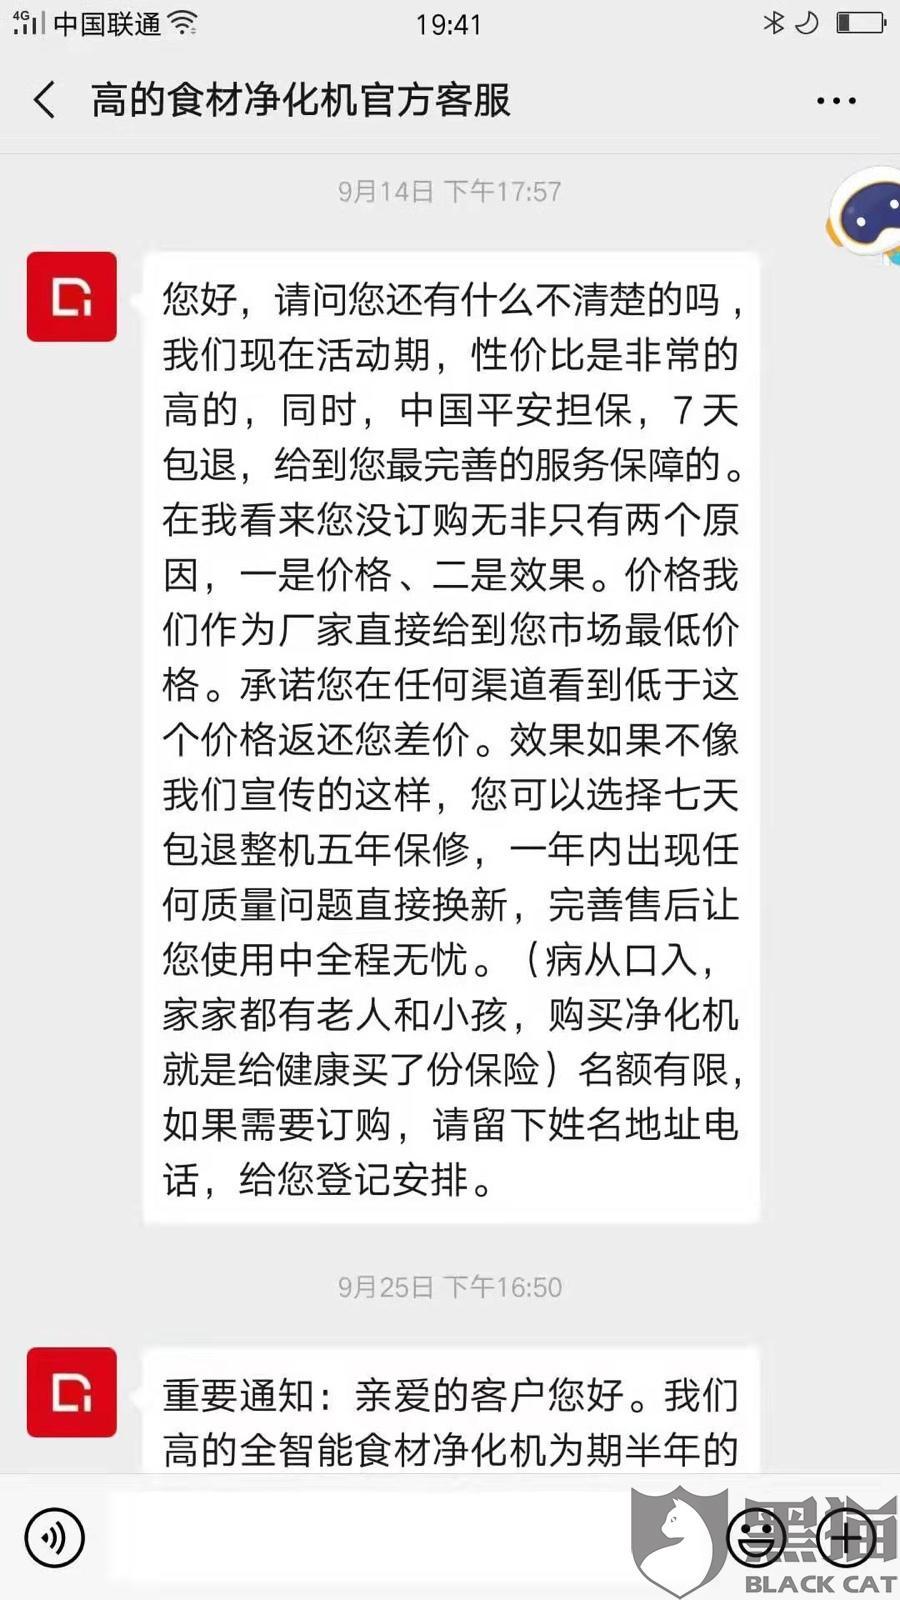 黑猫投诉:远威润德(武汉)网络科技有限公司的高的智能食材净化机不履行7天退换货承诺